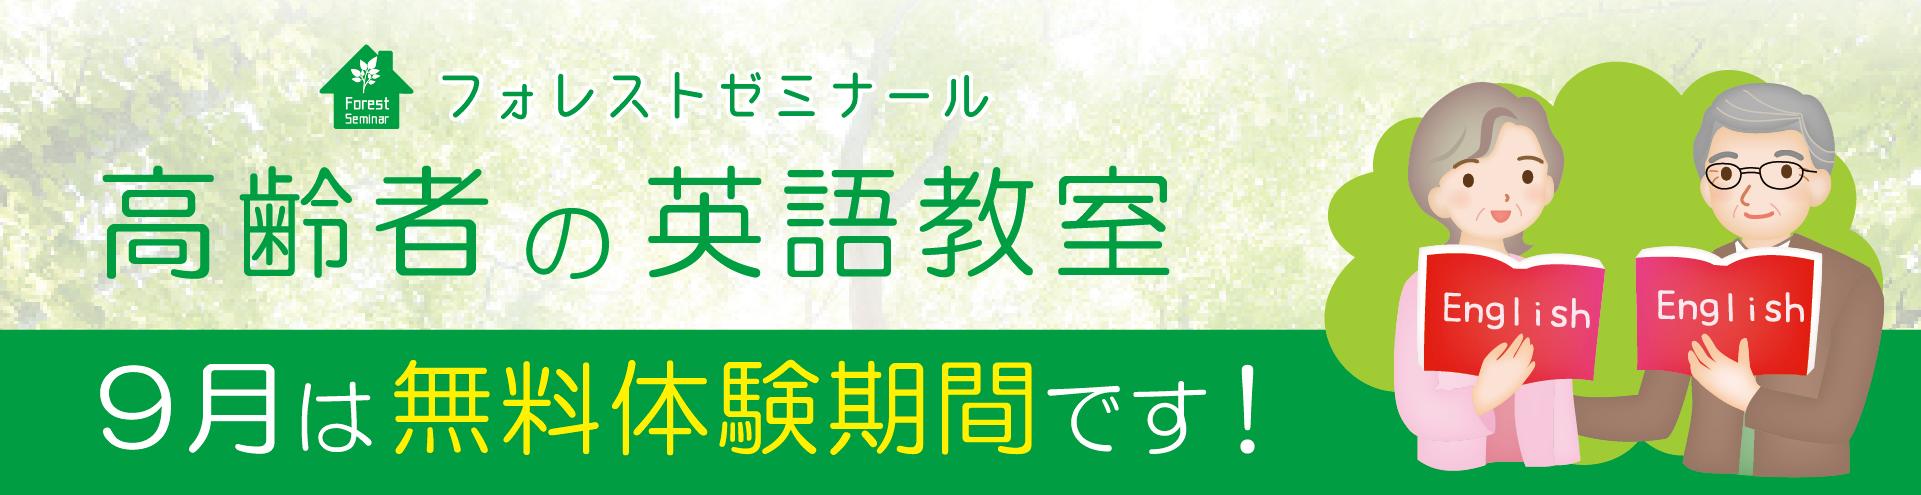 【フォレストゼミナール】9月高齢者の英語教室無料体験!